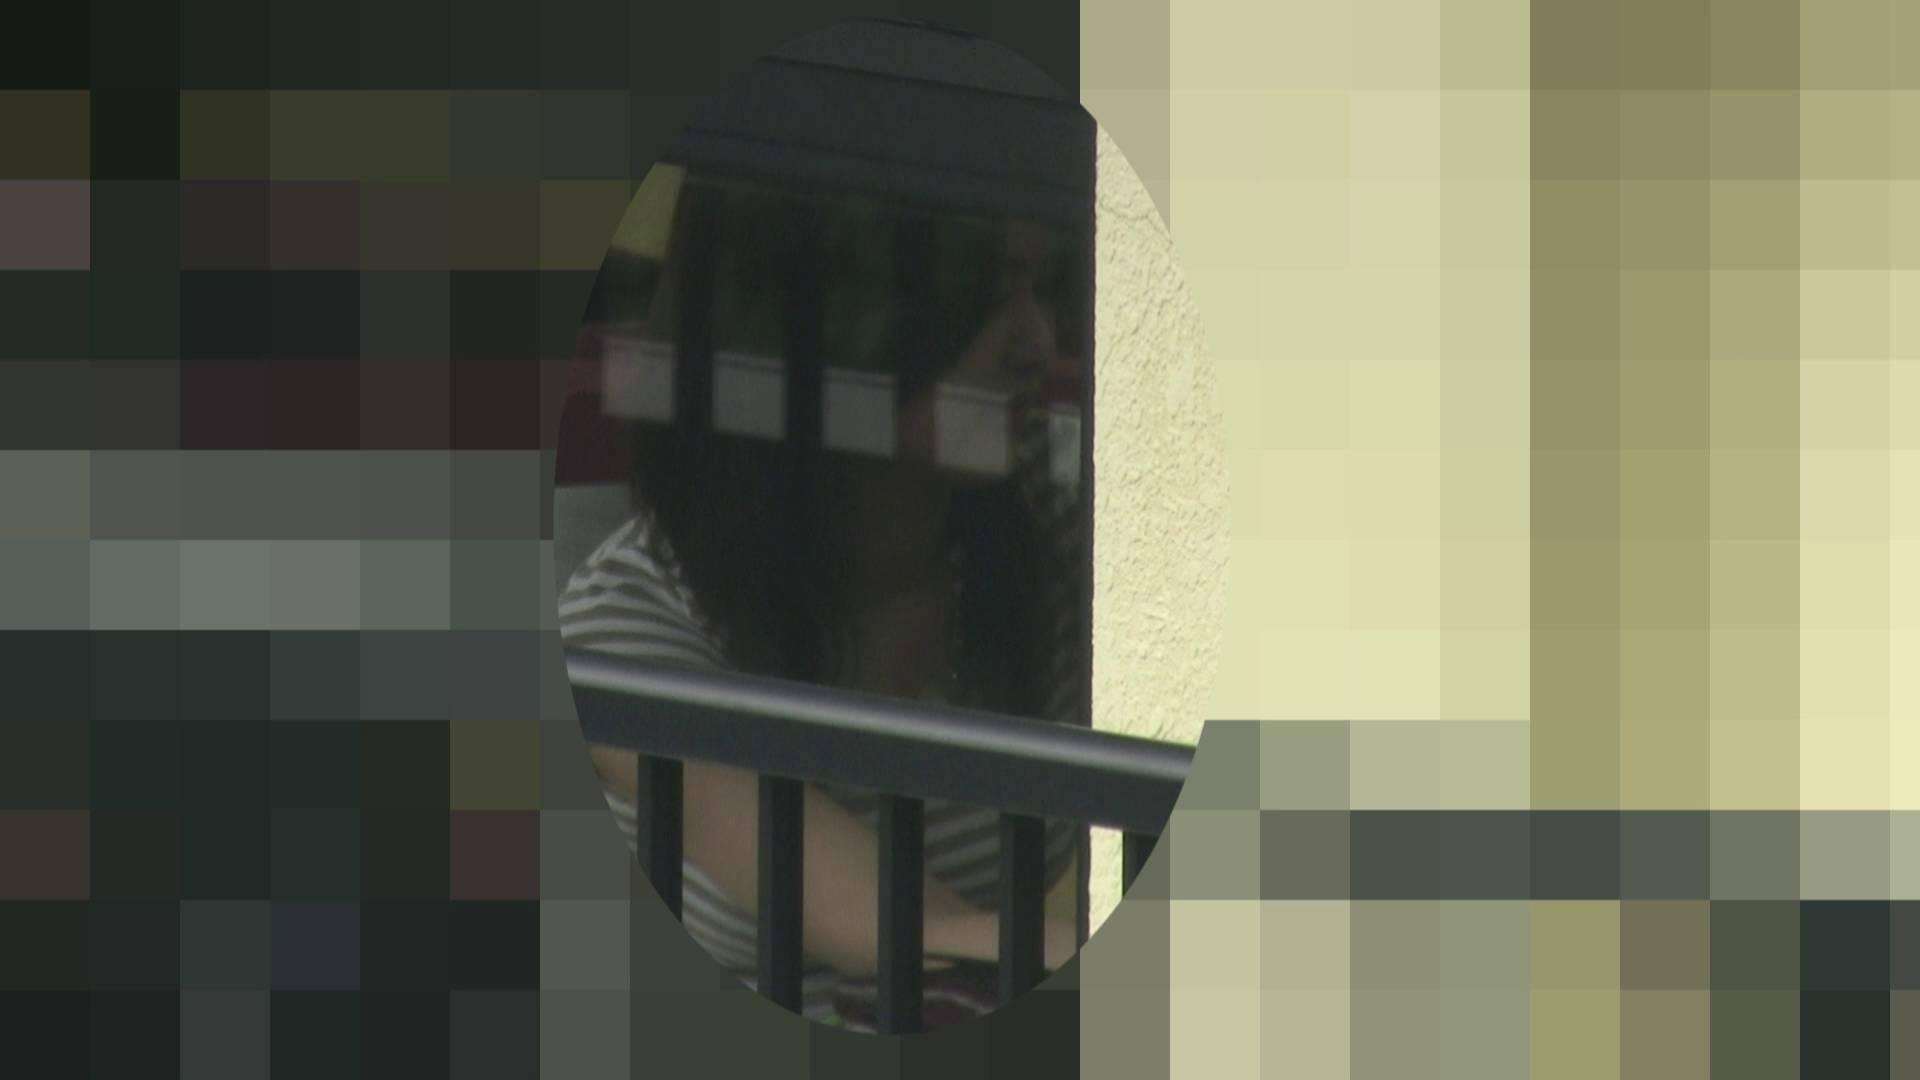 高画質露天女風呂観察 vol.032 望遠 のぞき動画画像 83pic 6